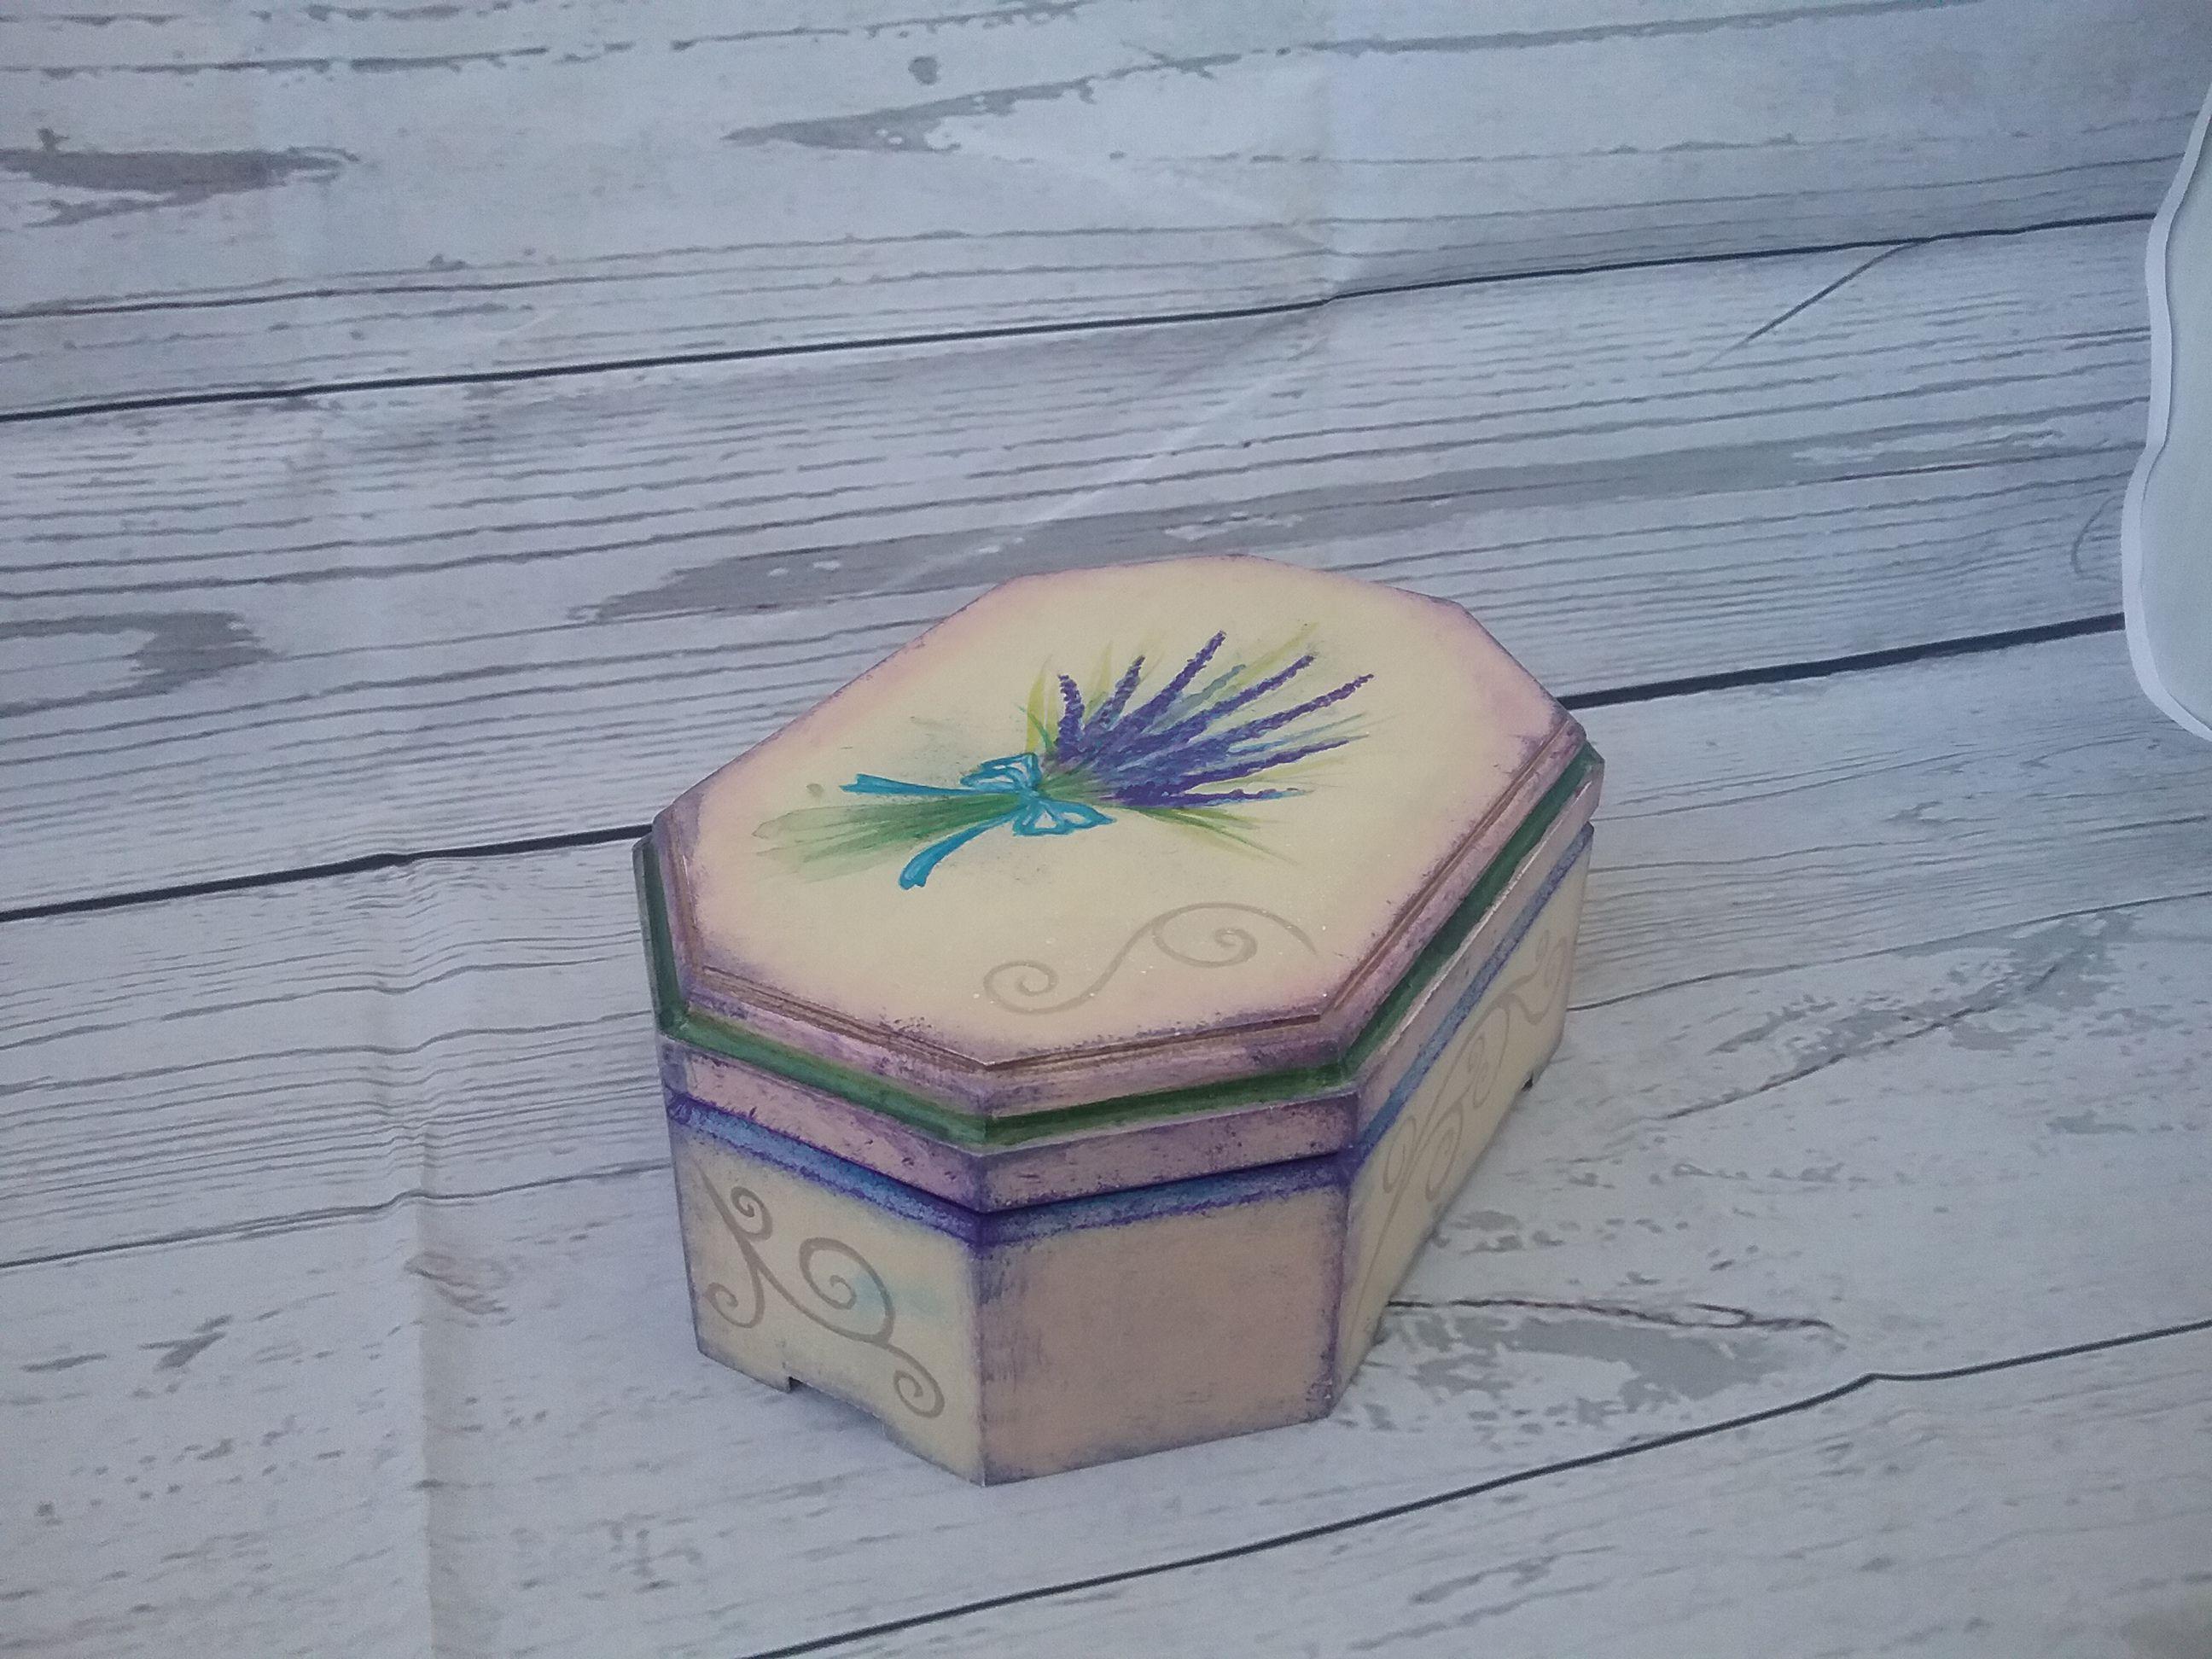 яйцо дерево пасха роспись набор прованс шкатулка лаванда